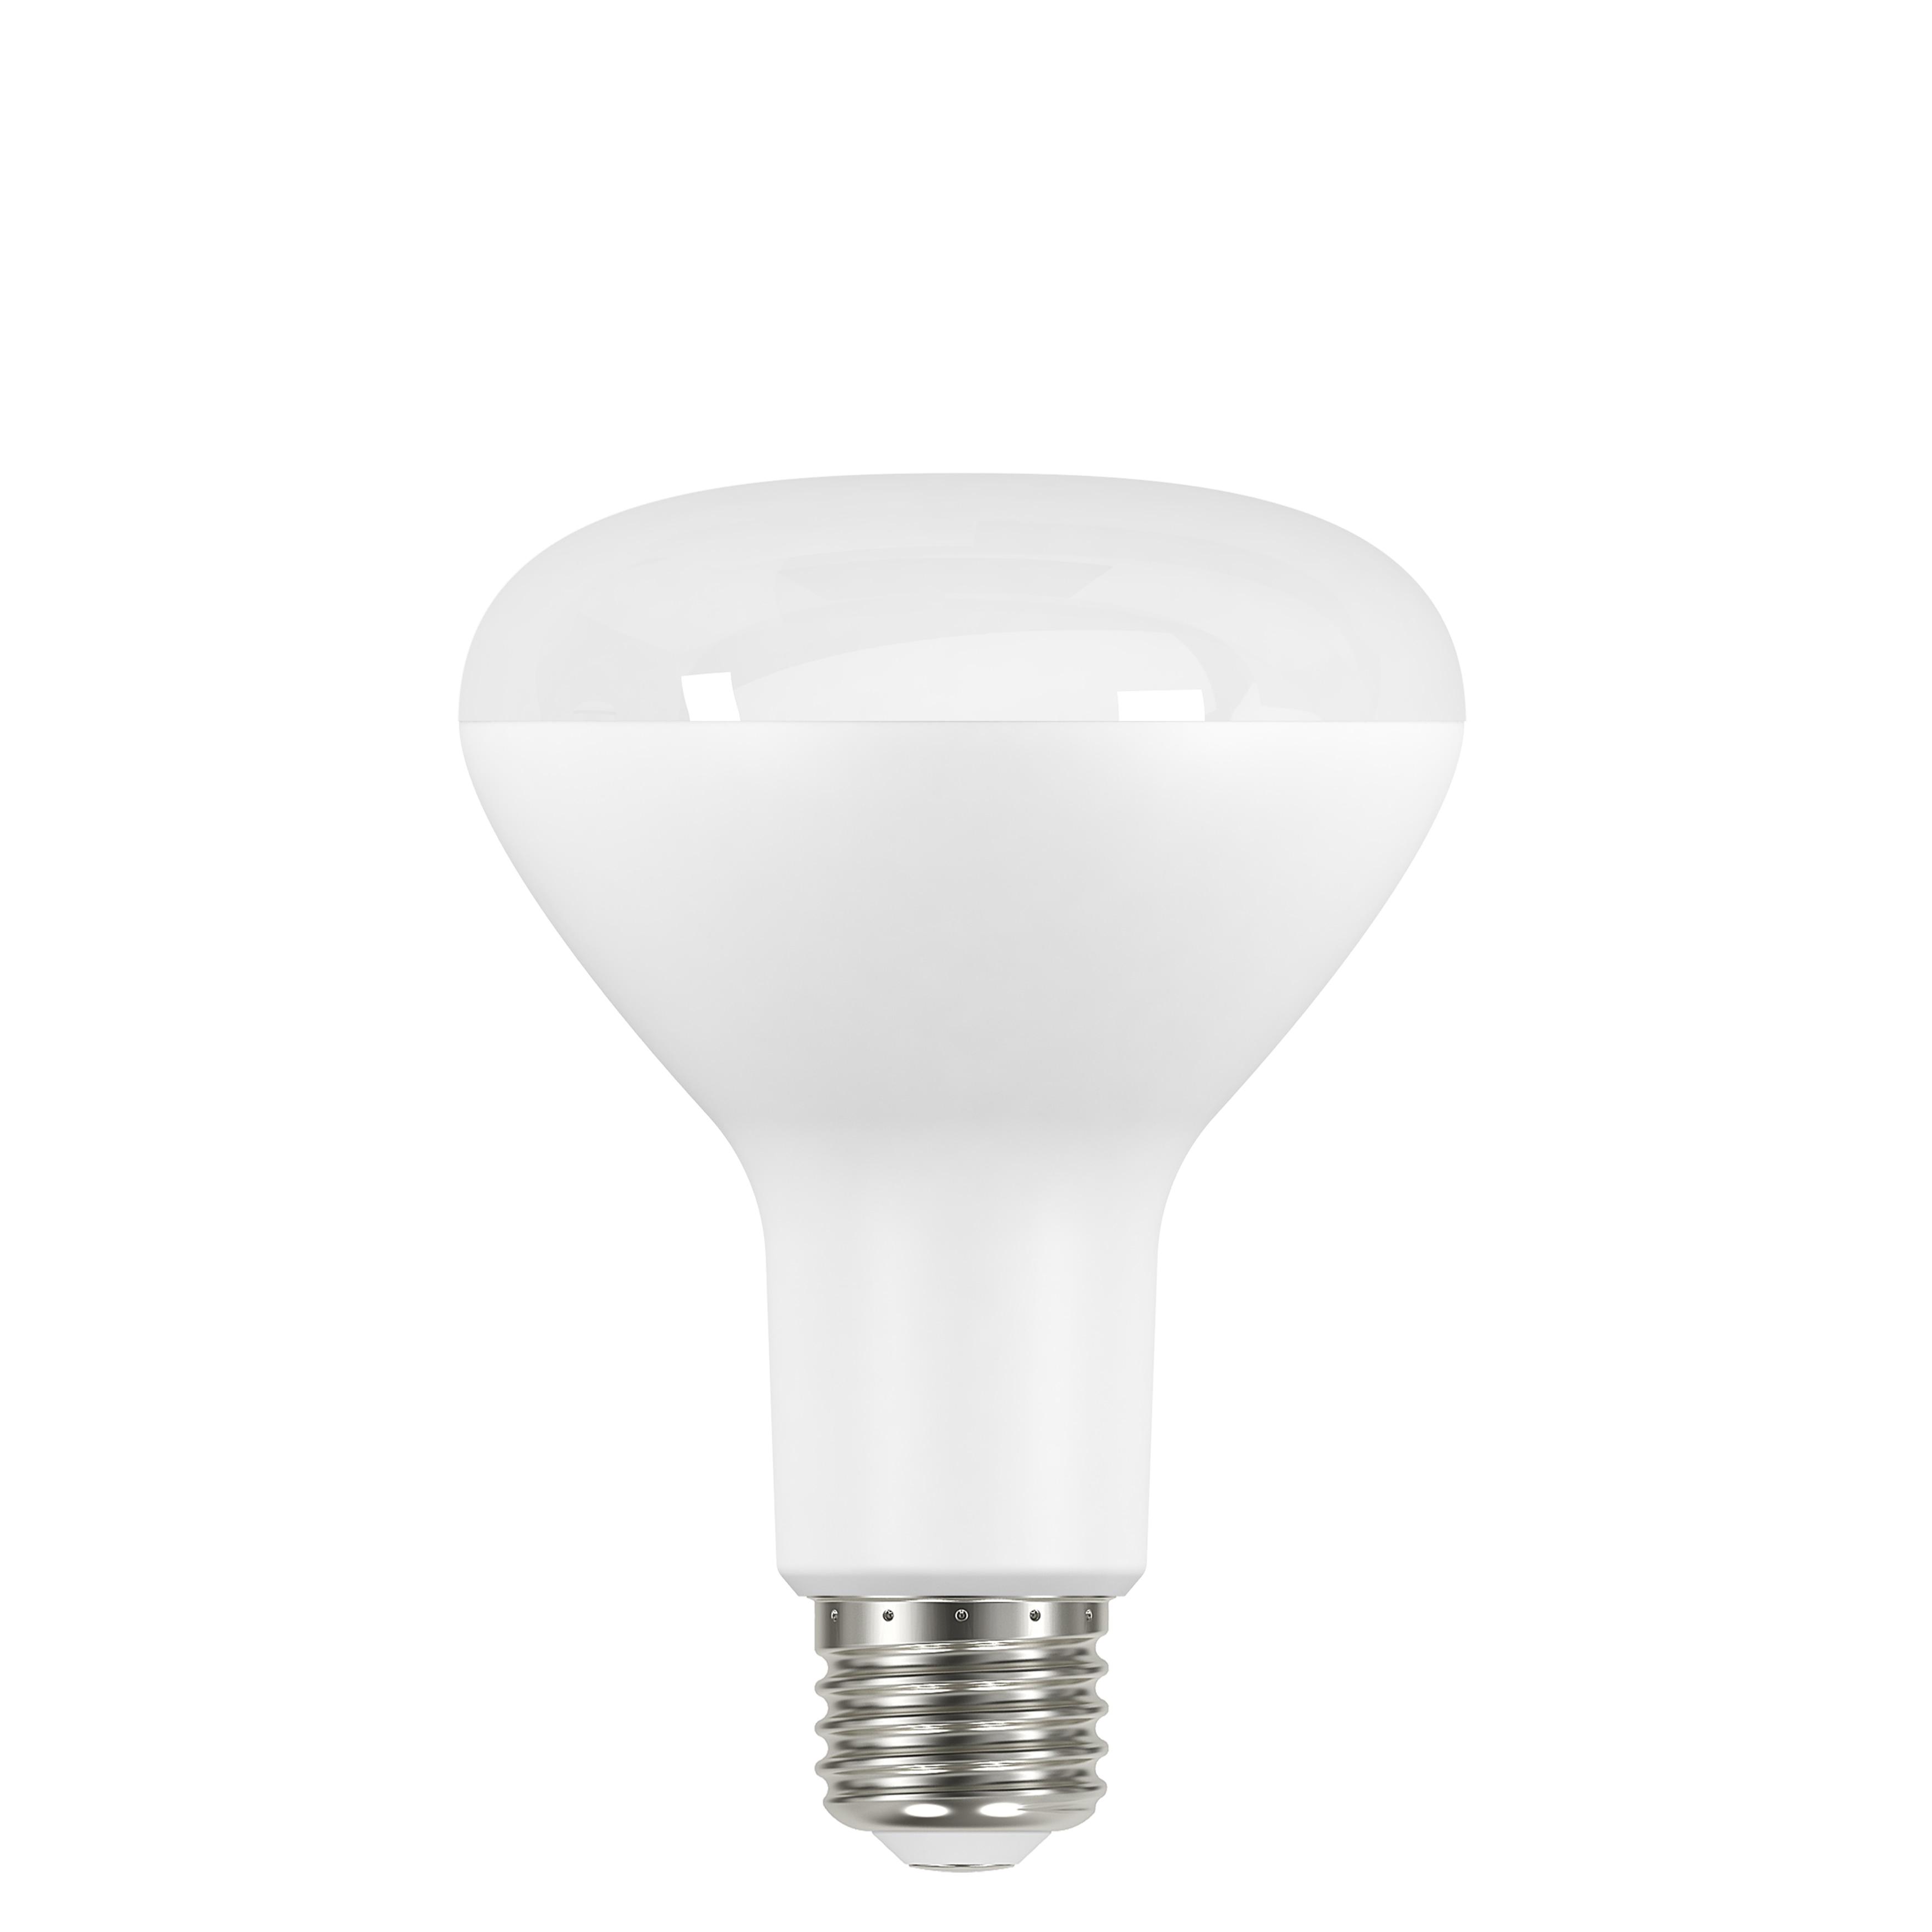 Goodlite LED 11-watt (75-watt Equivalent) BR30 Recessed/ ...